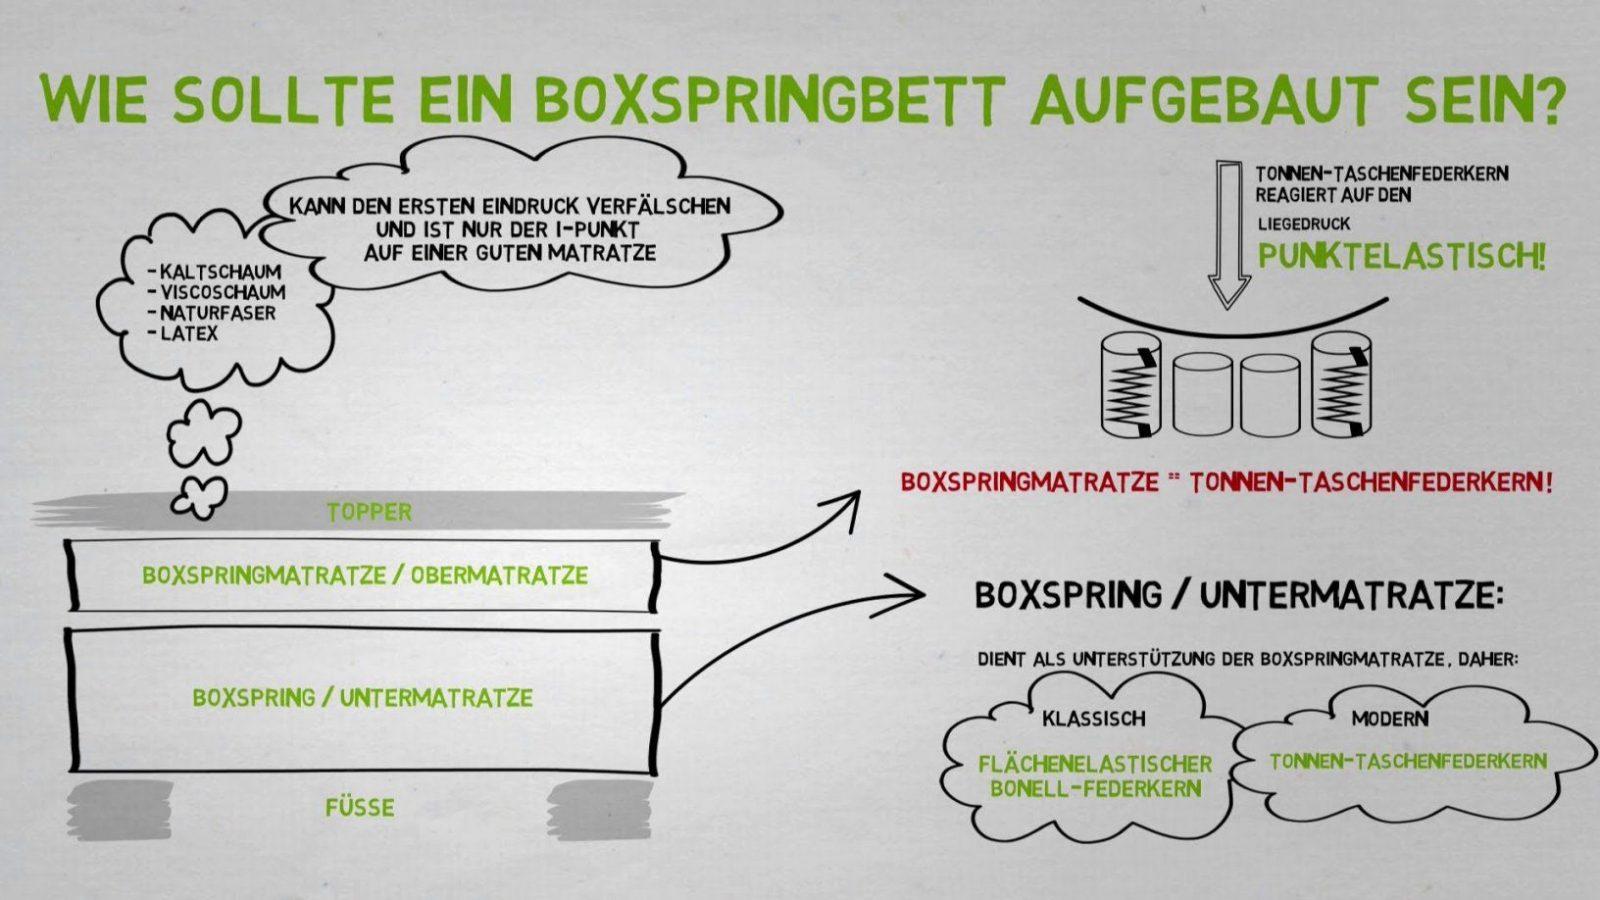 Boxspringbetten Aufbau Wichtige Elemente Beim Boxspringbett  Youtube von Boxspring Bett Selber Bauen Anleitung Bild